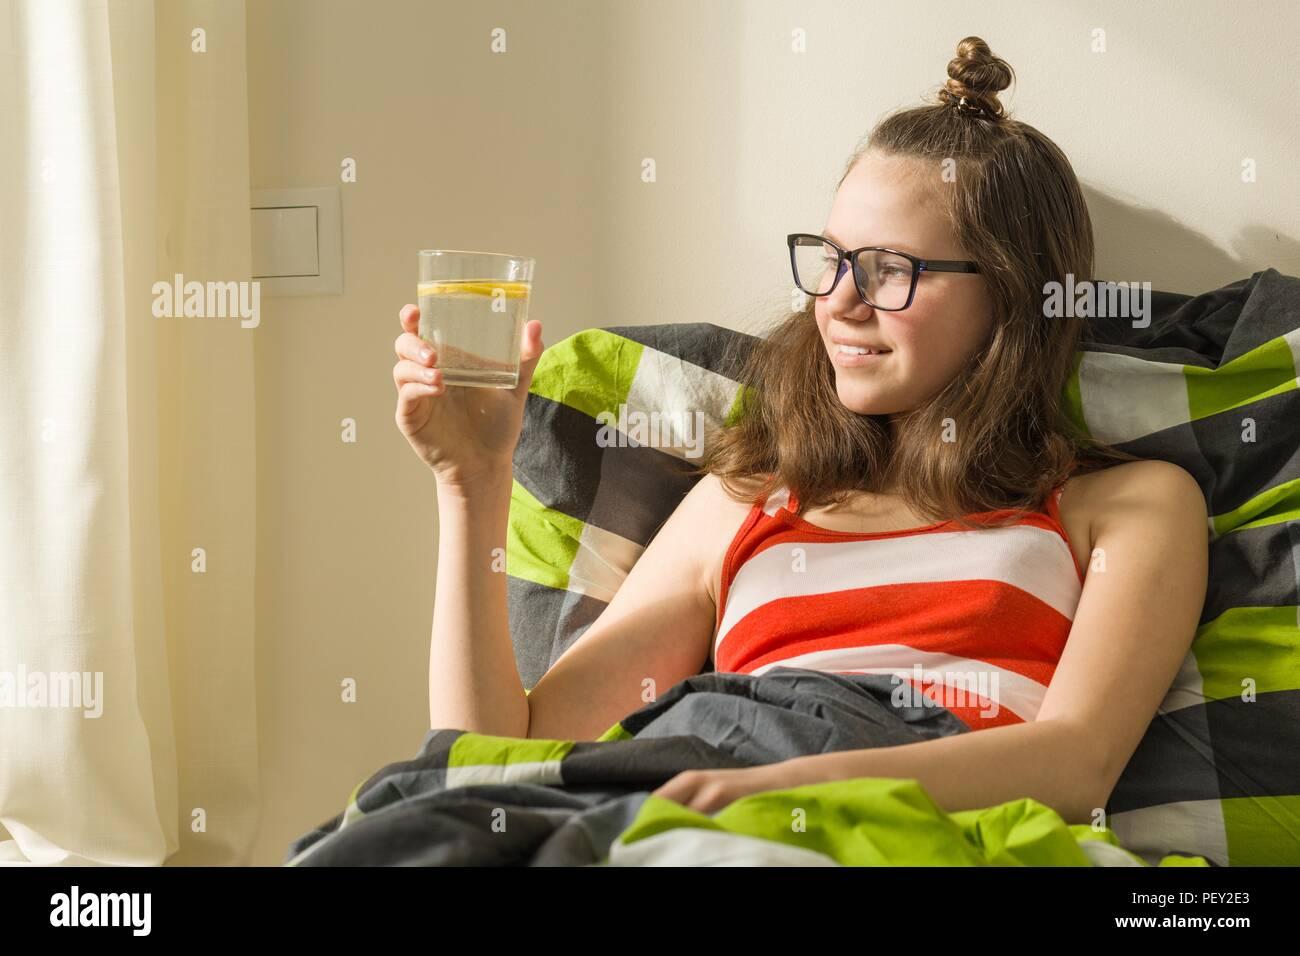 Por la mañana un vaso de agua con limón en las manos de la adolescente. Estilo de vida saludable, dieta, antioxidante Imagen De Stock